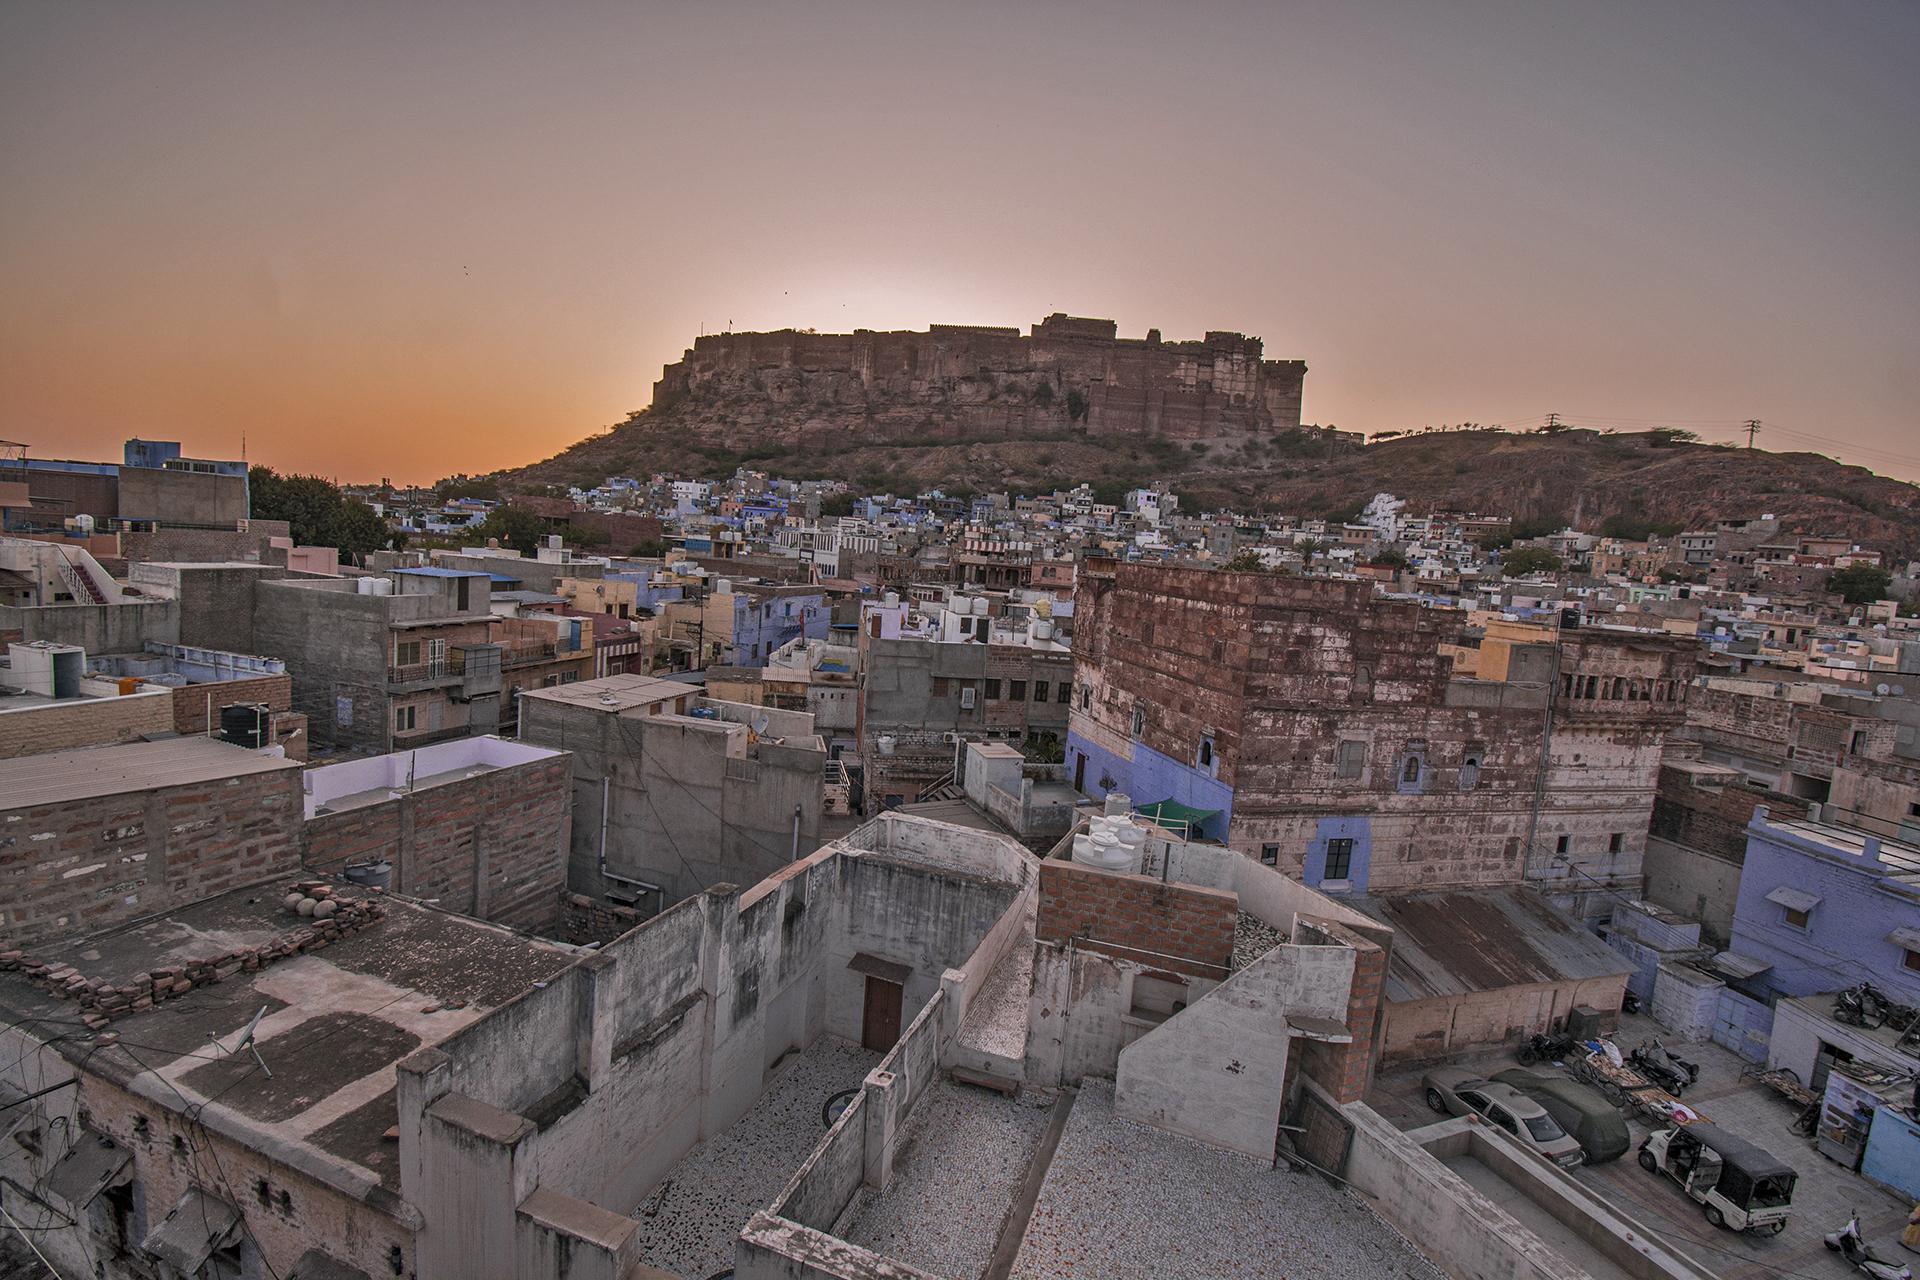 Sunset view of Jodhpur city and Mehrangarh Fort